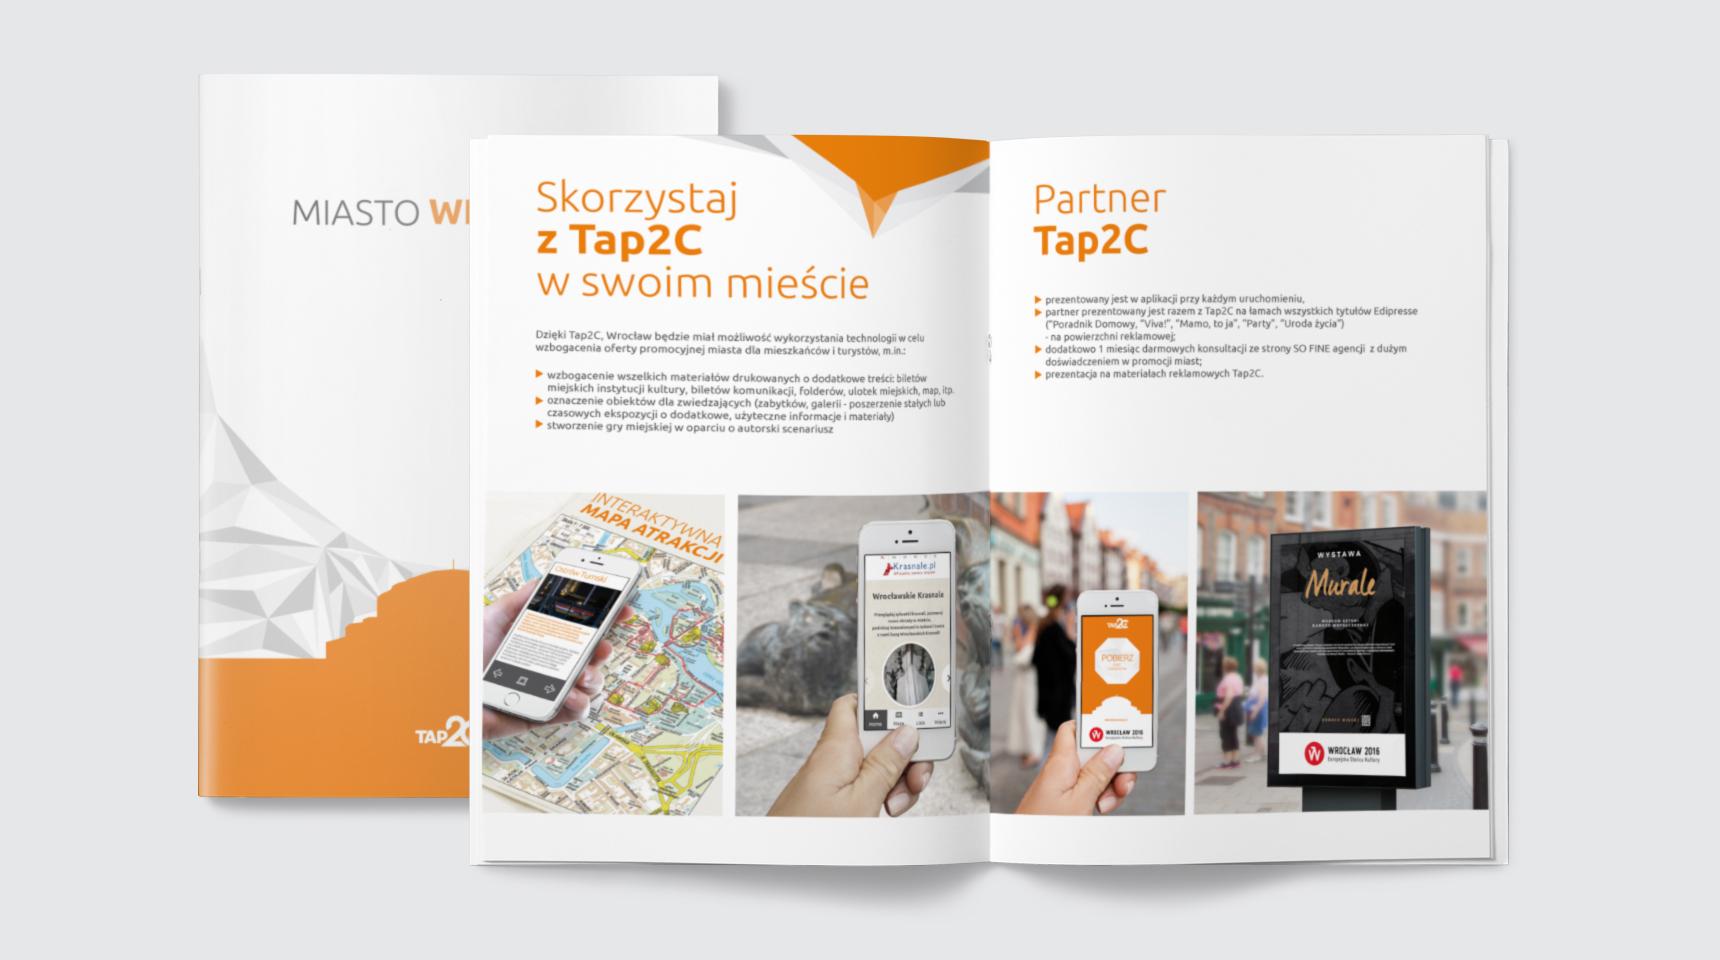 Tap2C - Świat dodatkowego kontentu